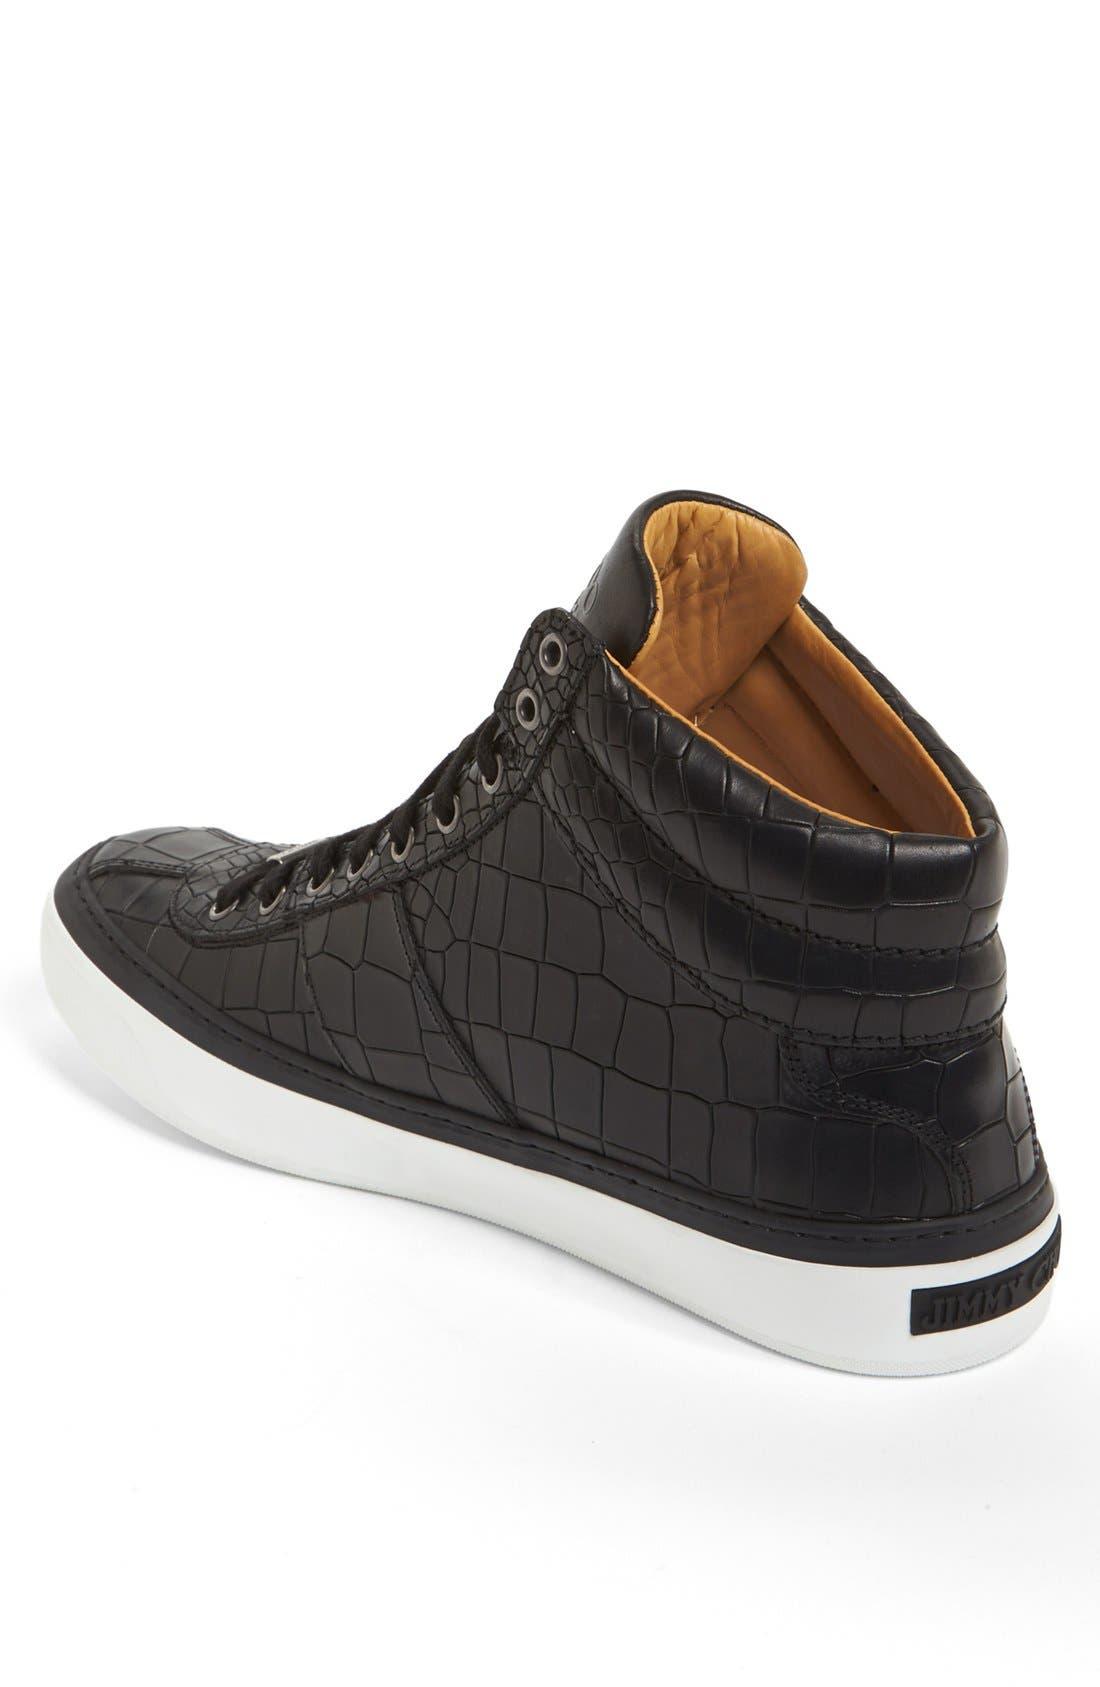 Alternate Image 2  - Jimmy Choo Belgravia High Top Sneaker